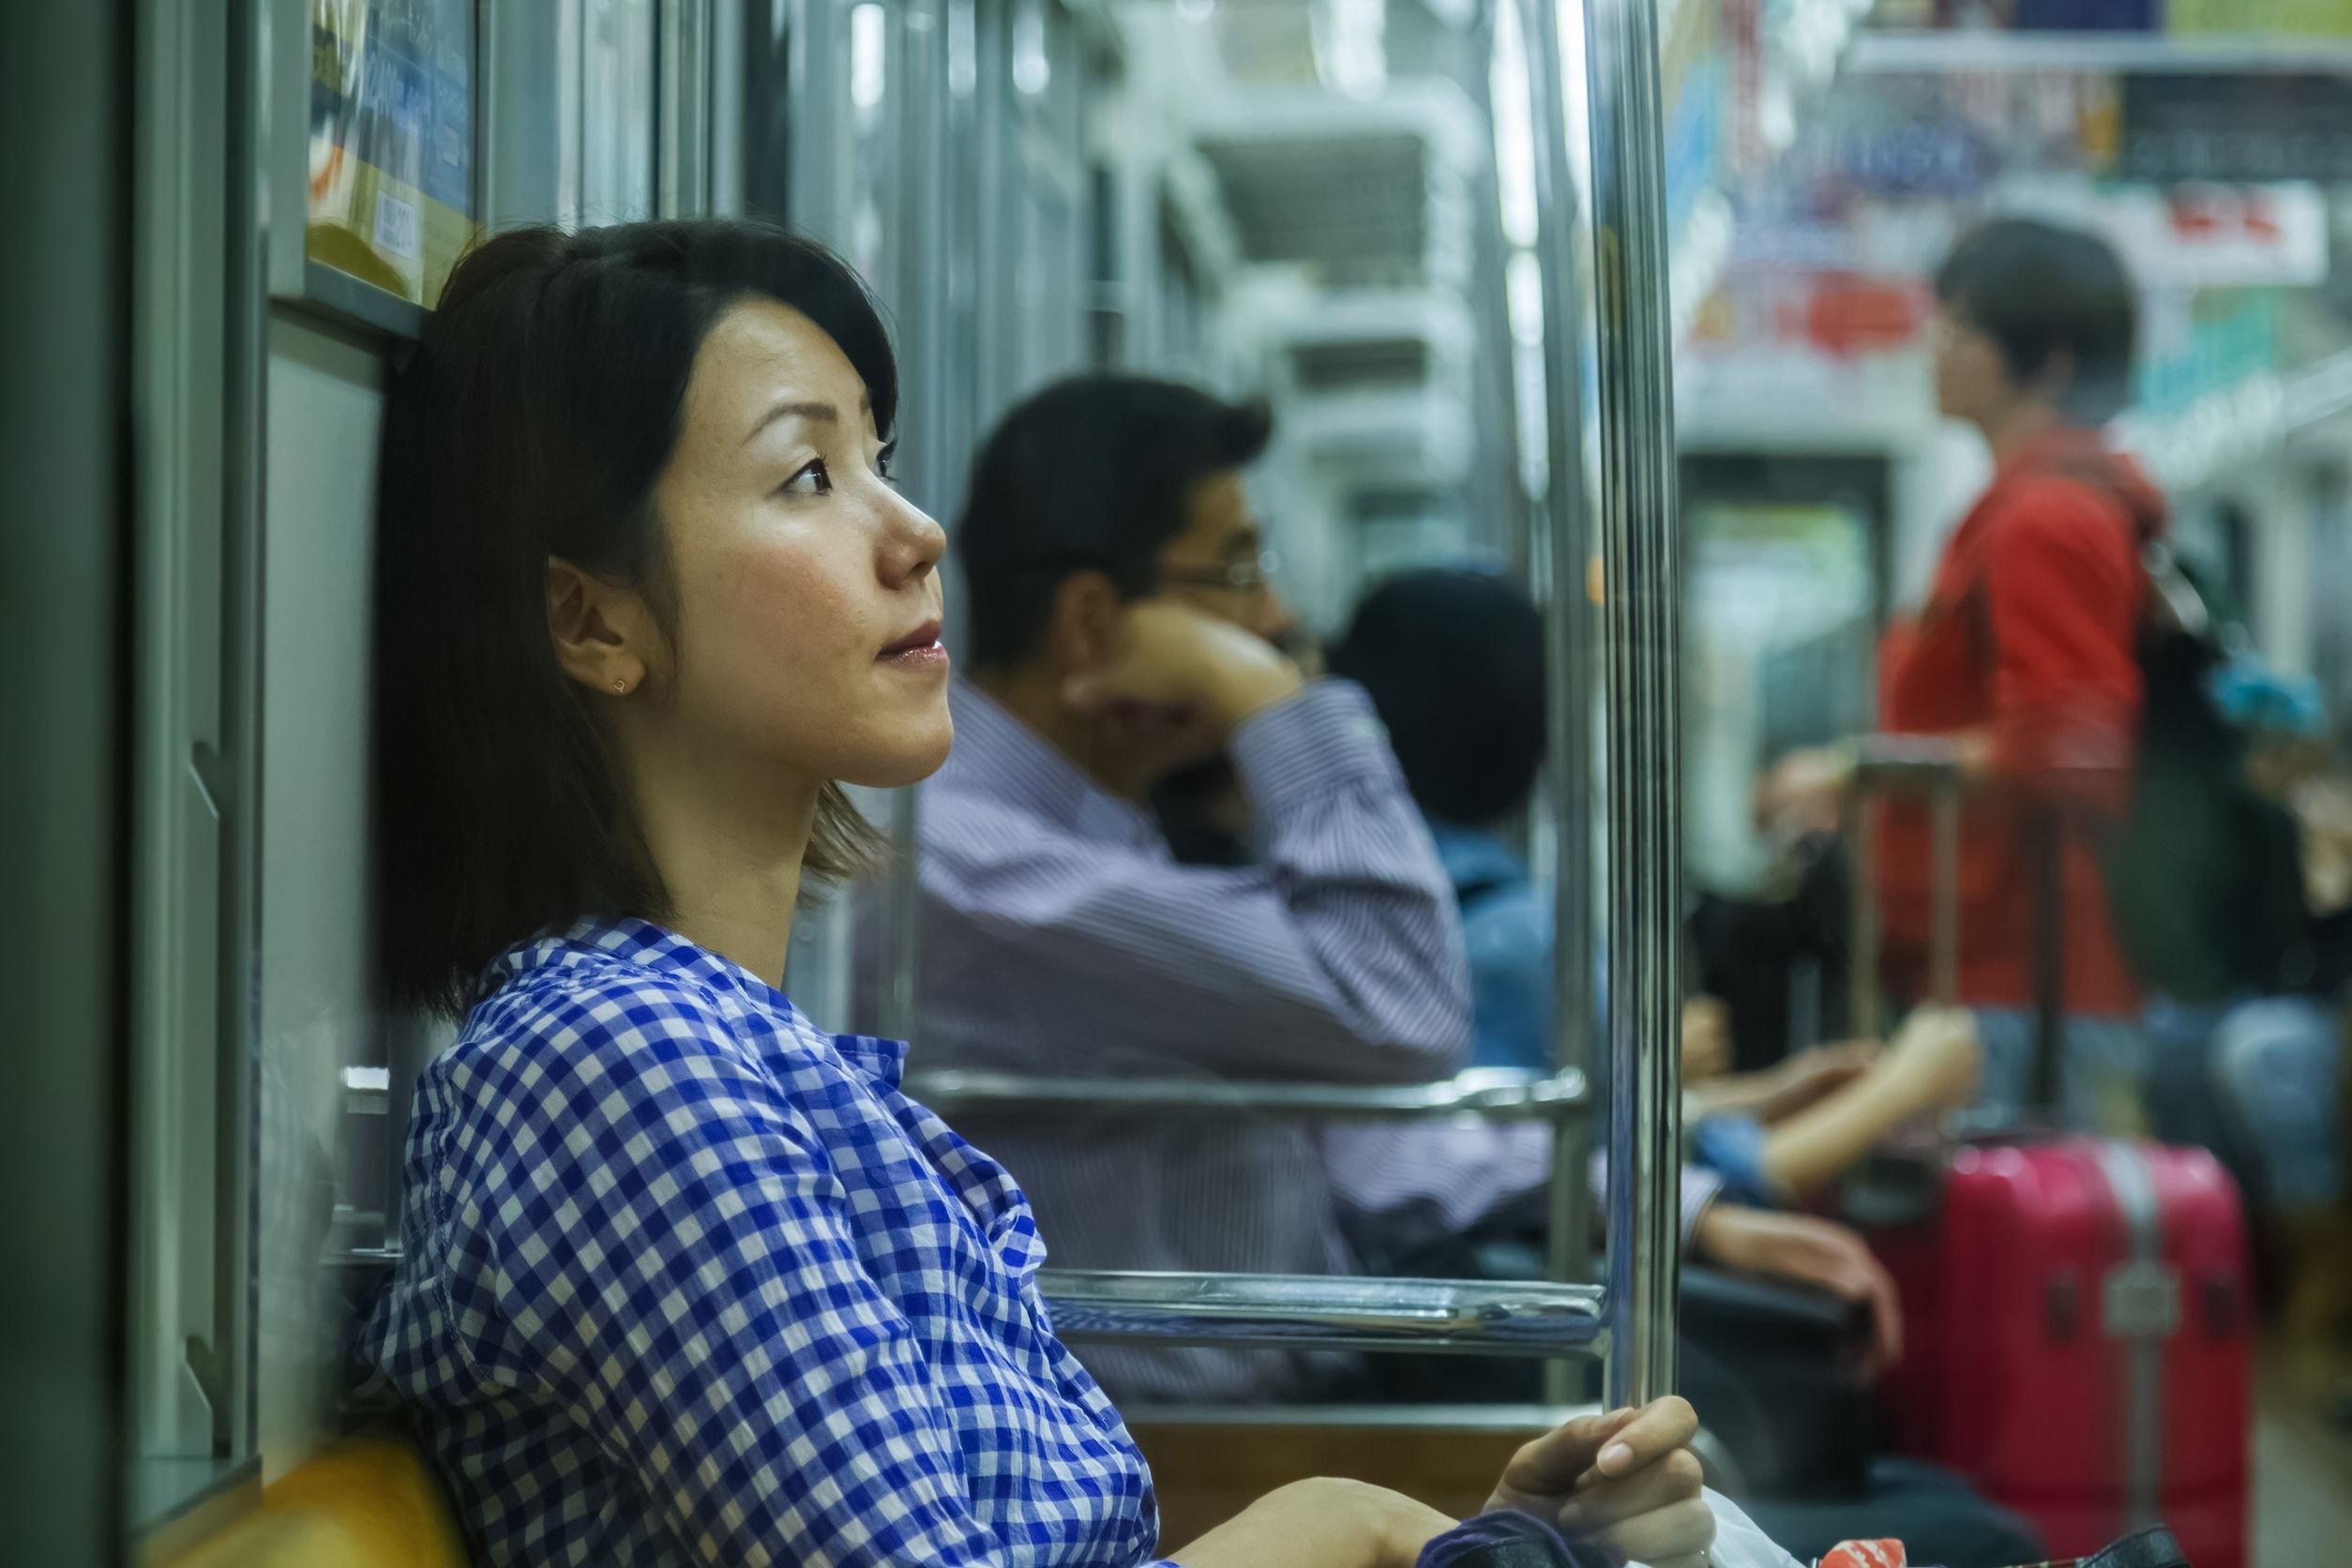 Malgré les promesses de Shinzo Abe, les Japonaises toujours en proie au harcèlement au travail